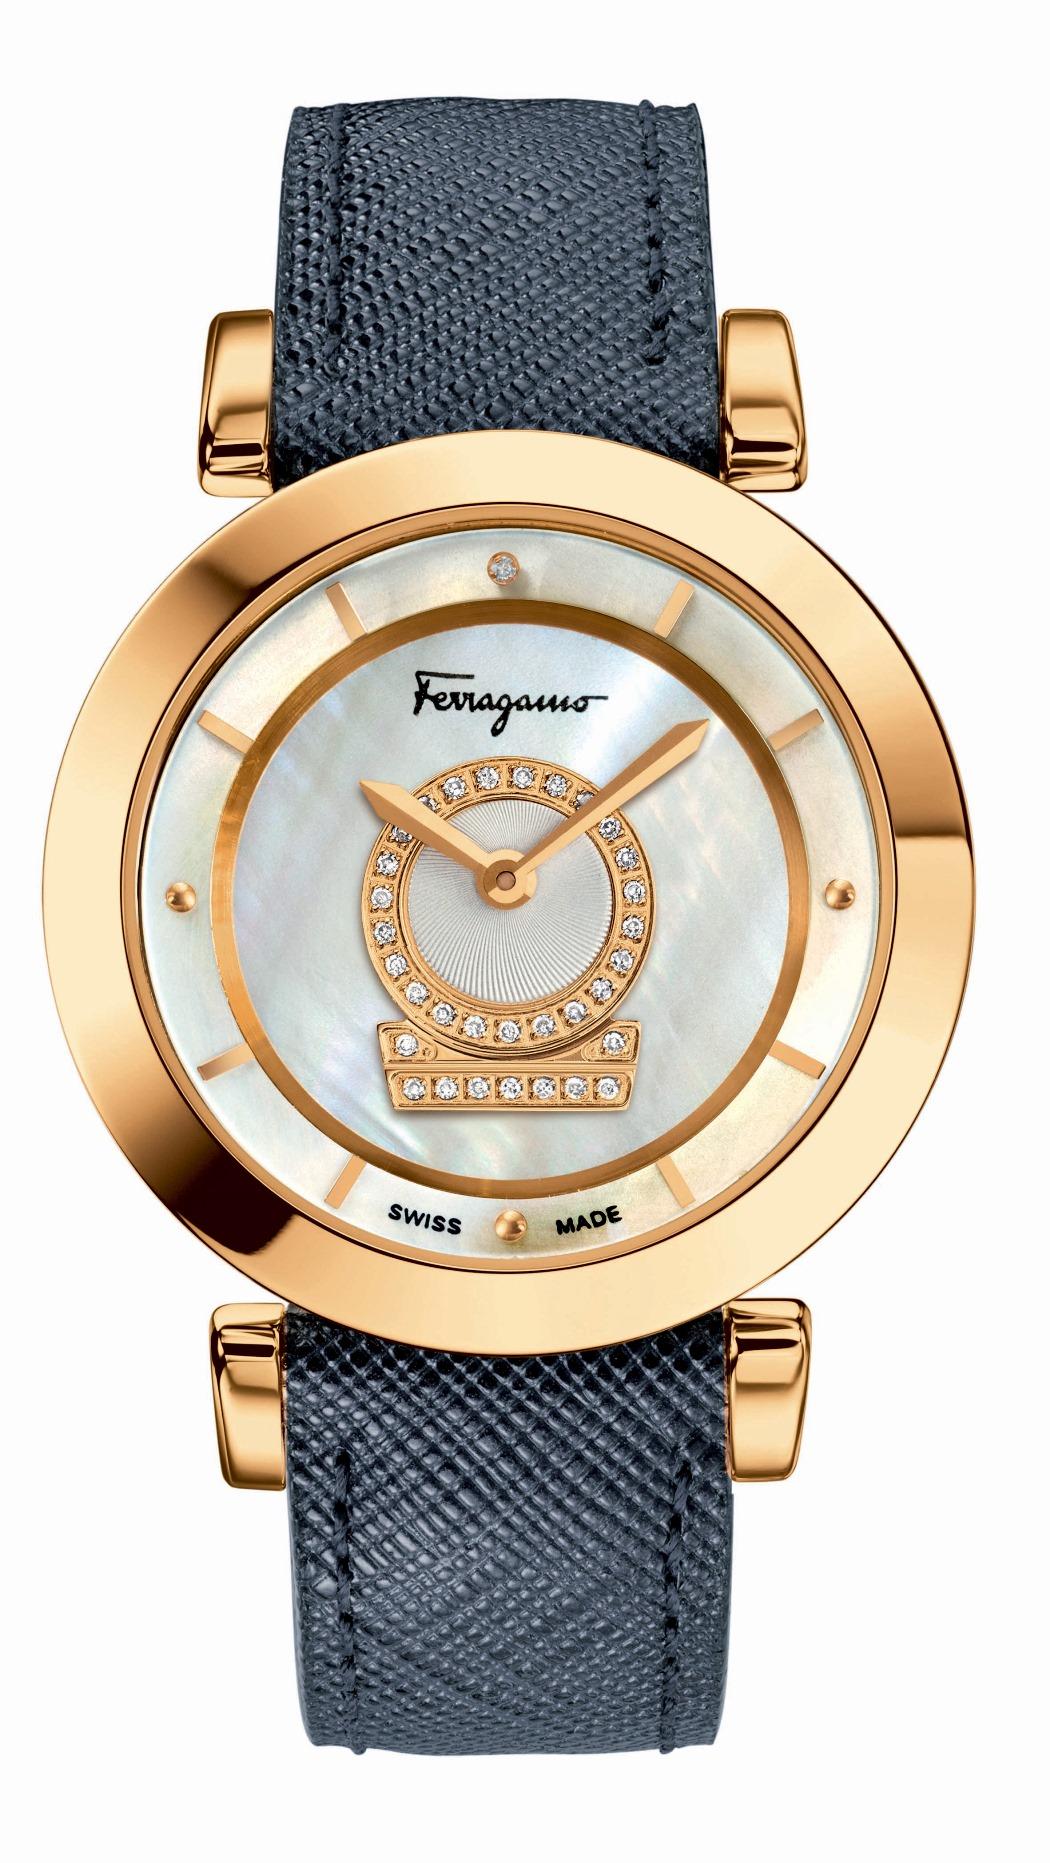 ferragamo watches